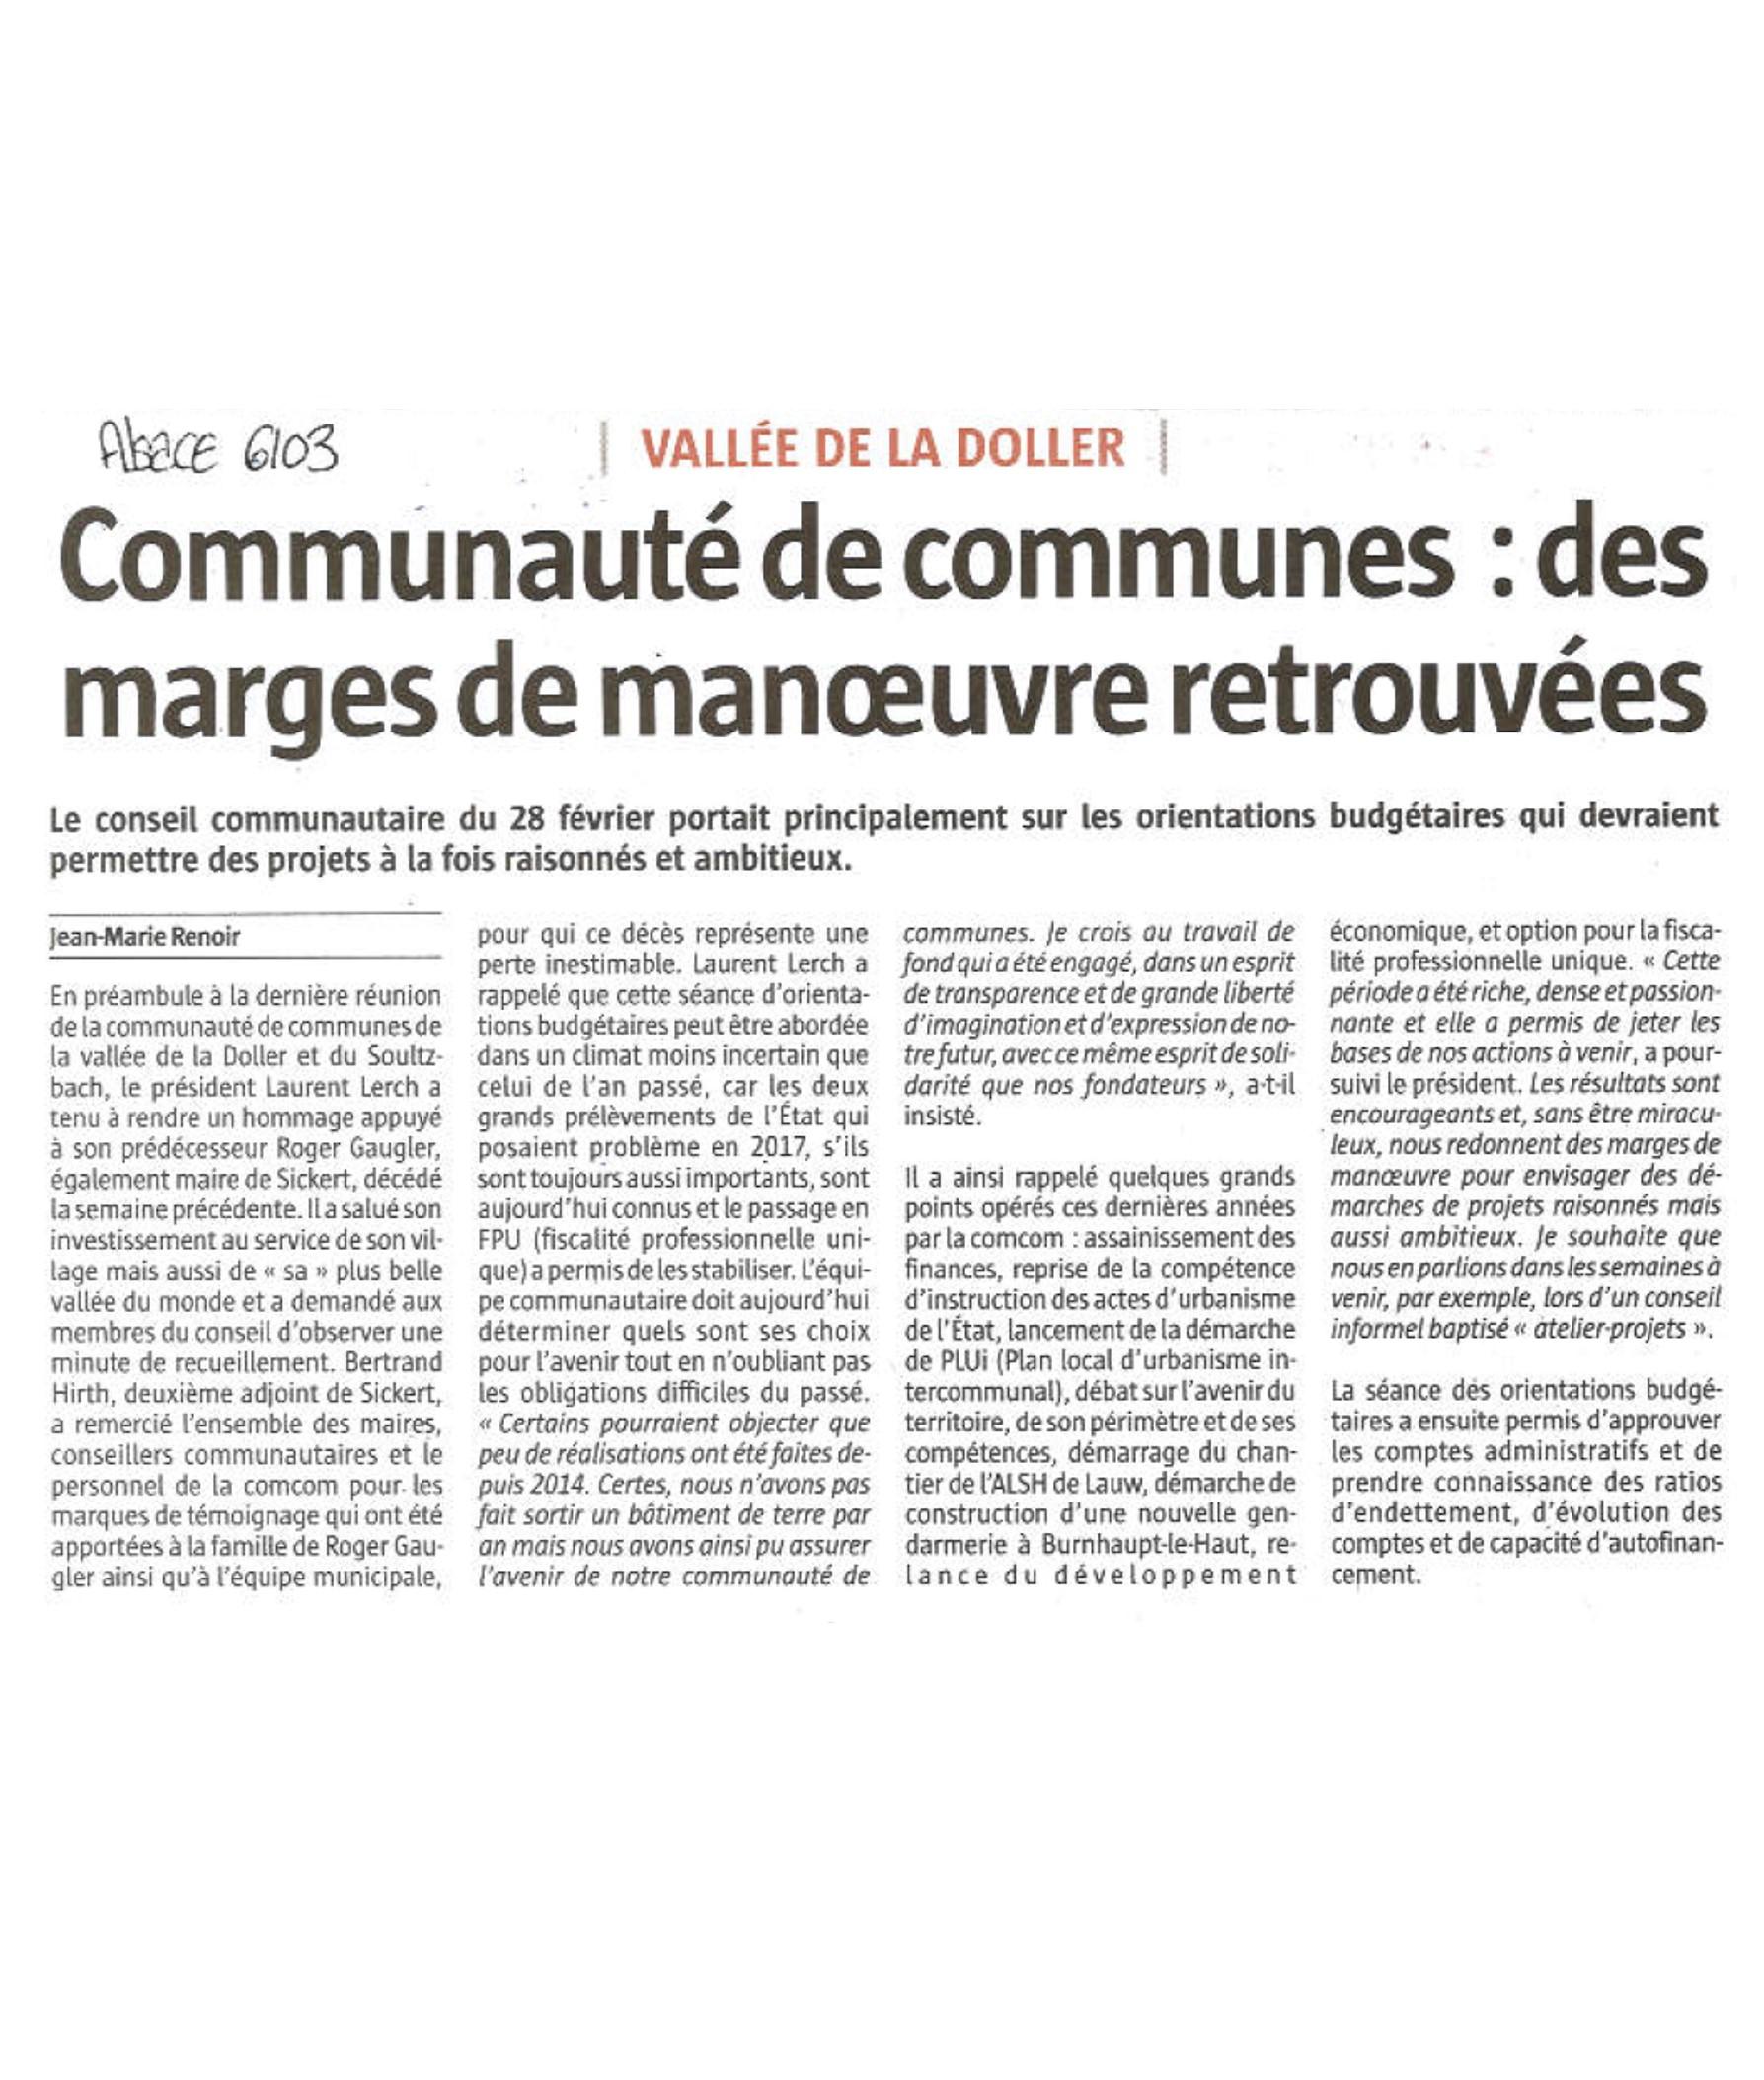 Communauté de Communes - Des marges de manoeuvre retrouvées - L'Alsace (06-03-2018)